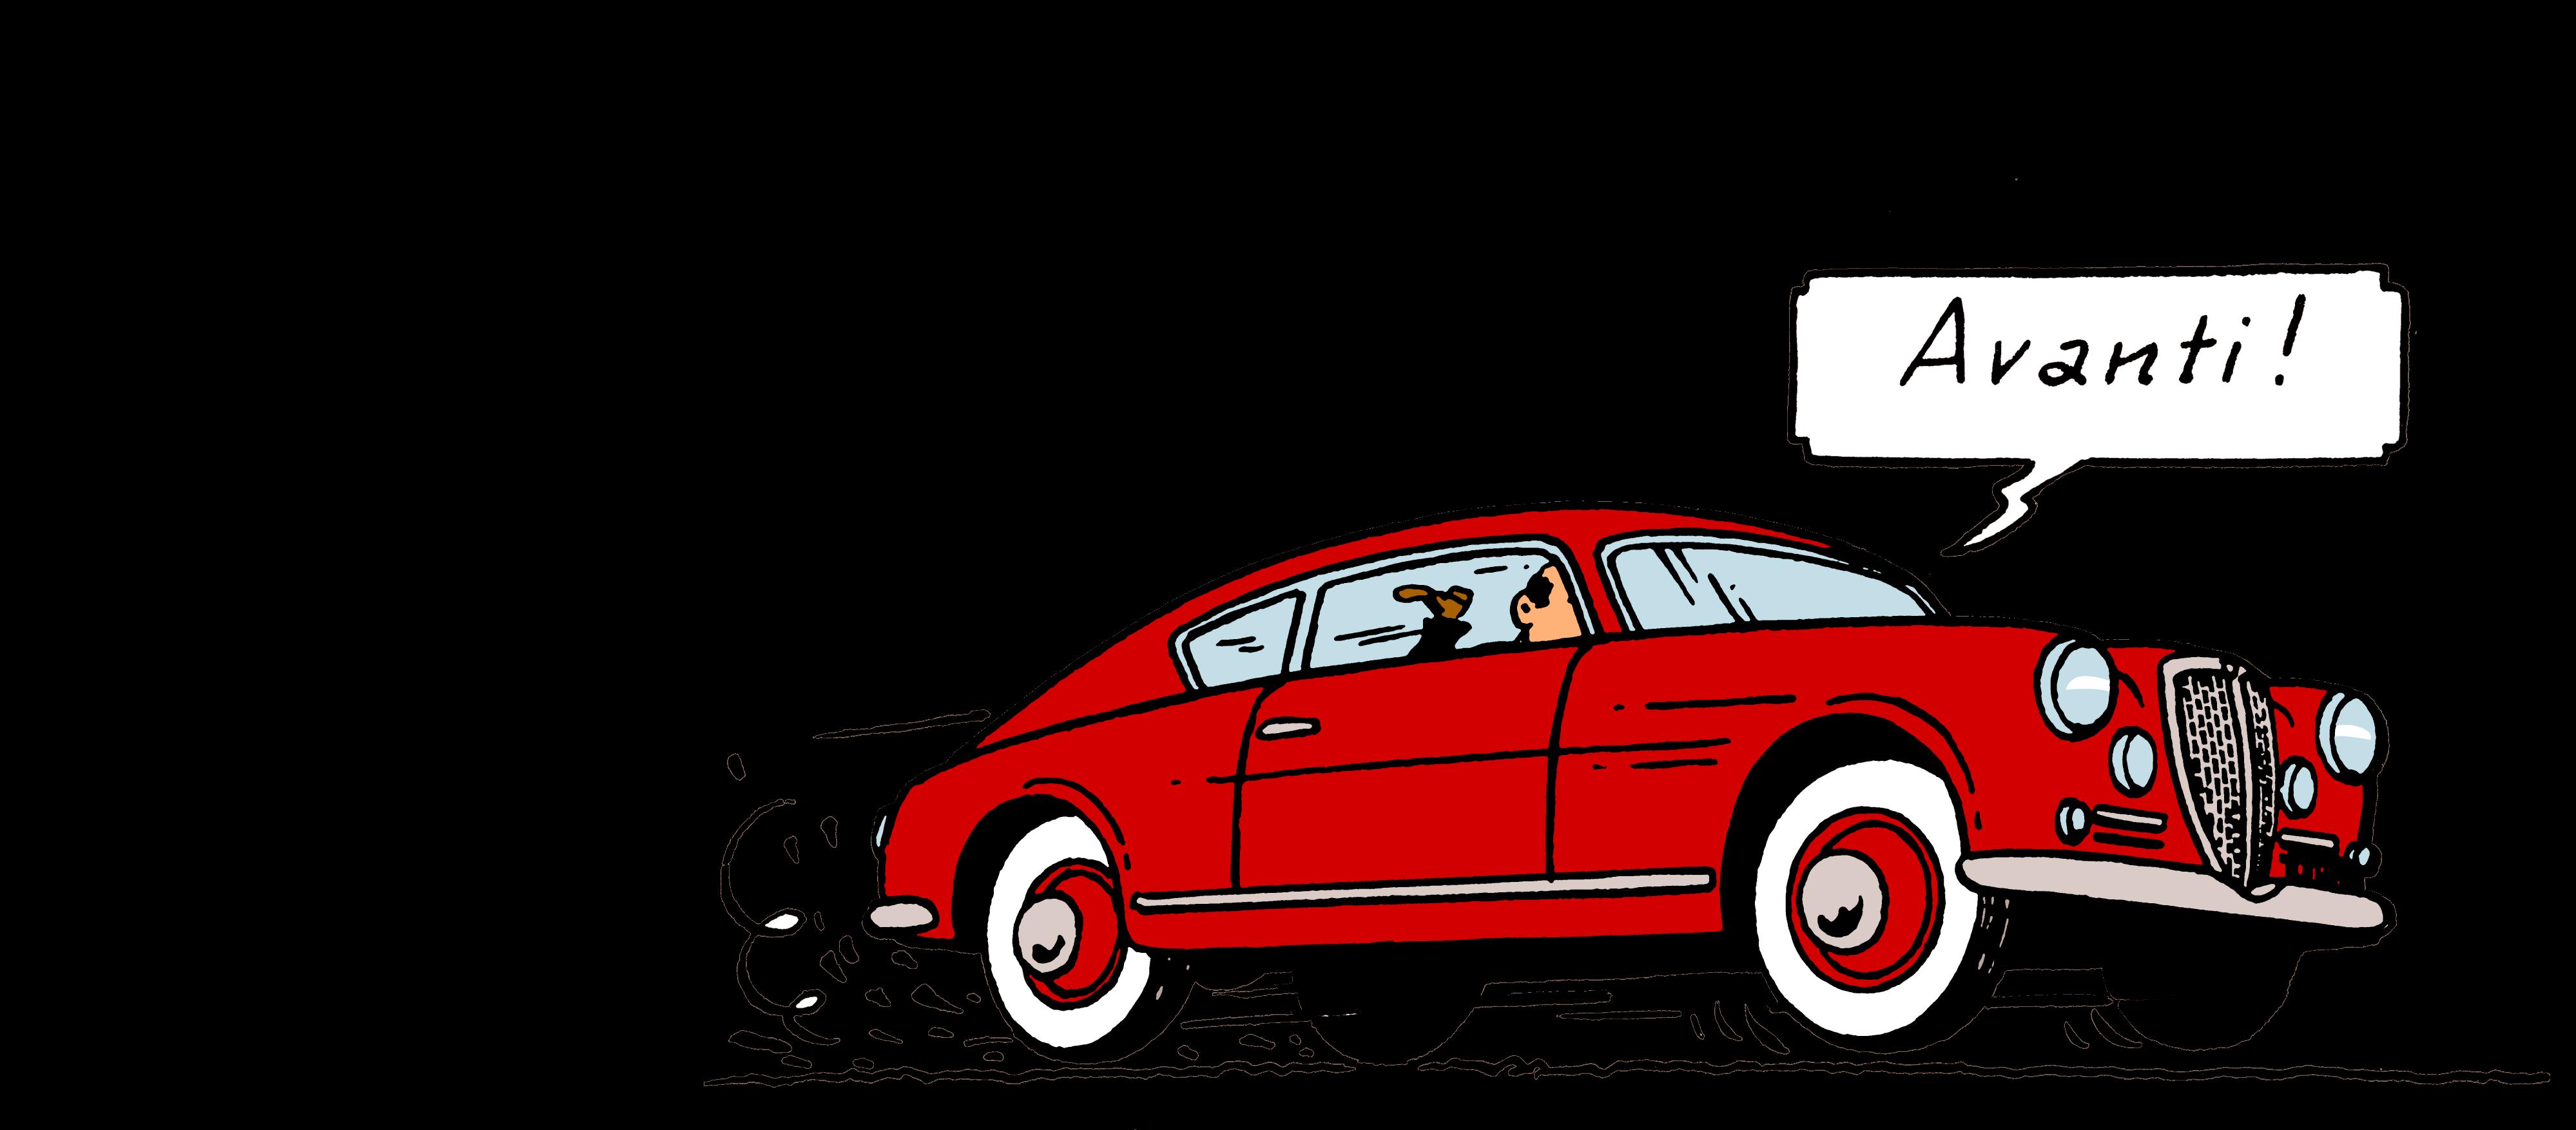 Exposition Musée Hergé en voiture avec Tintin